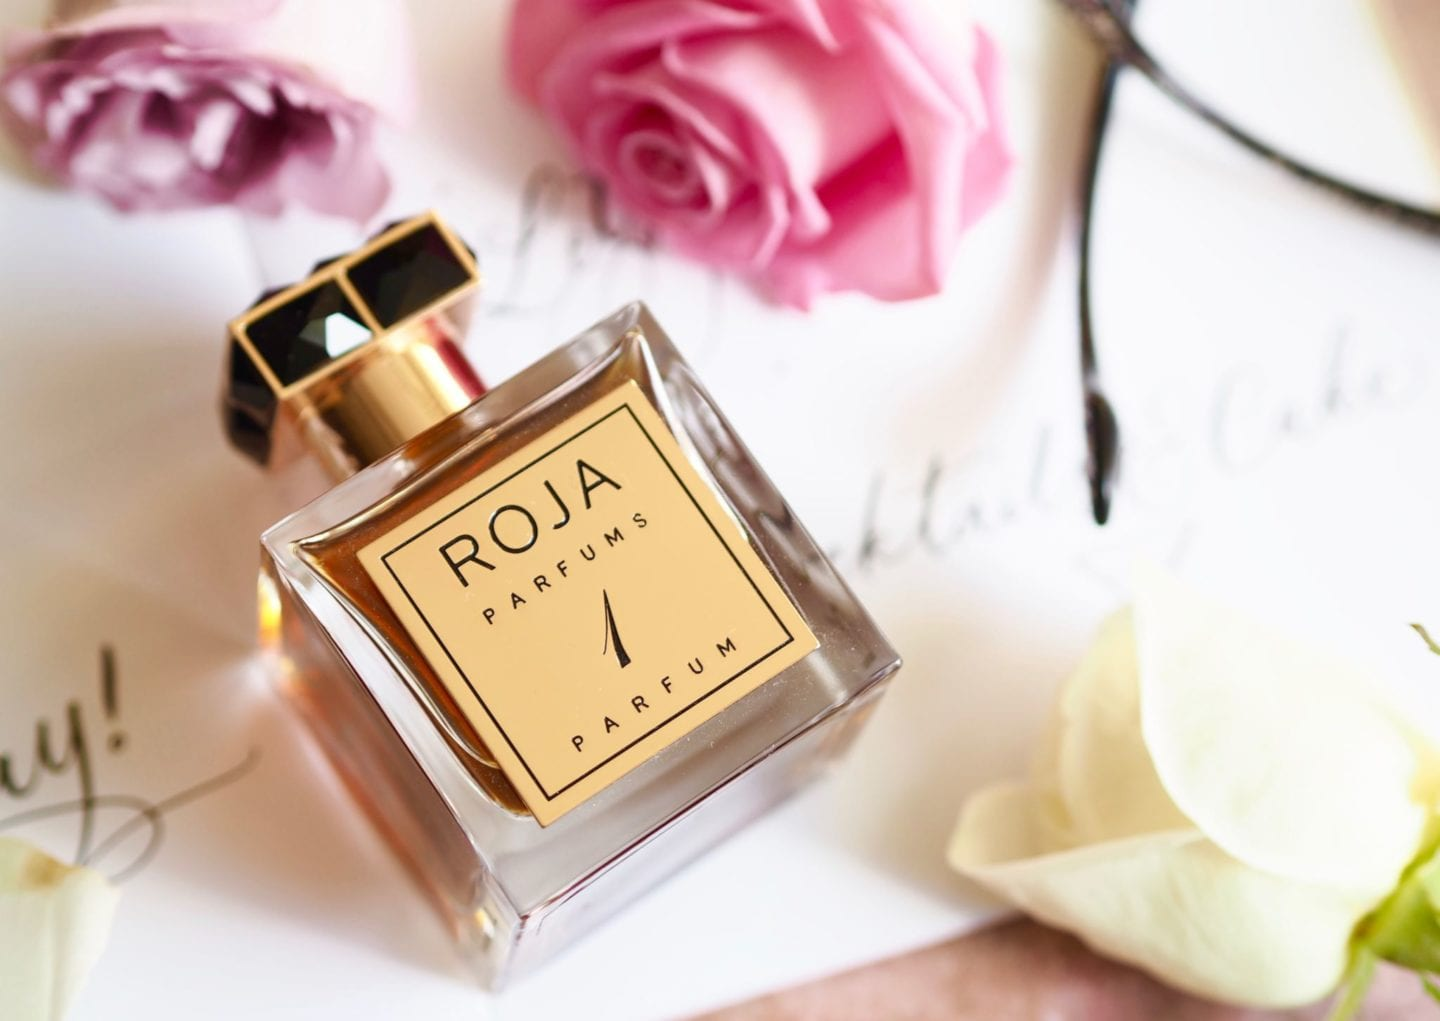 Roja-Parfums-Parfum-De-La-Nuit-1